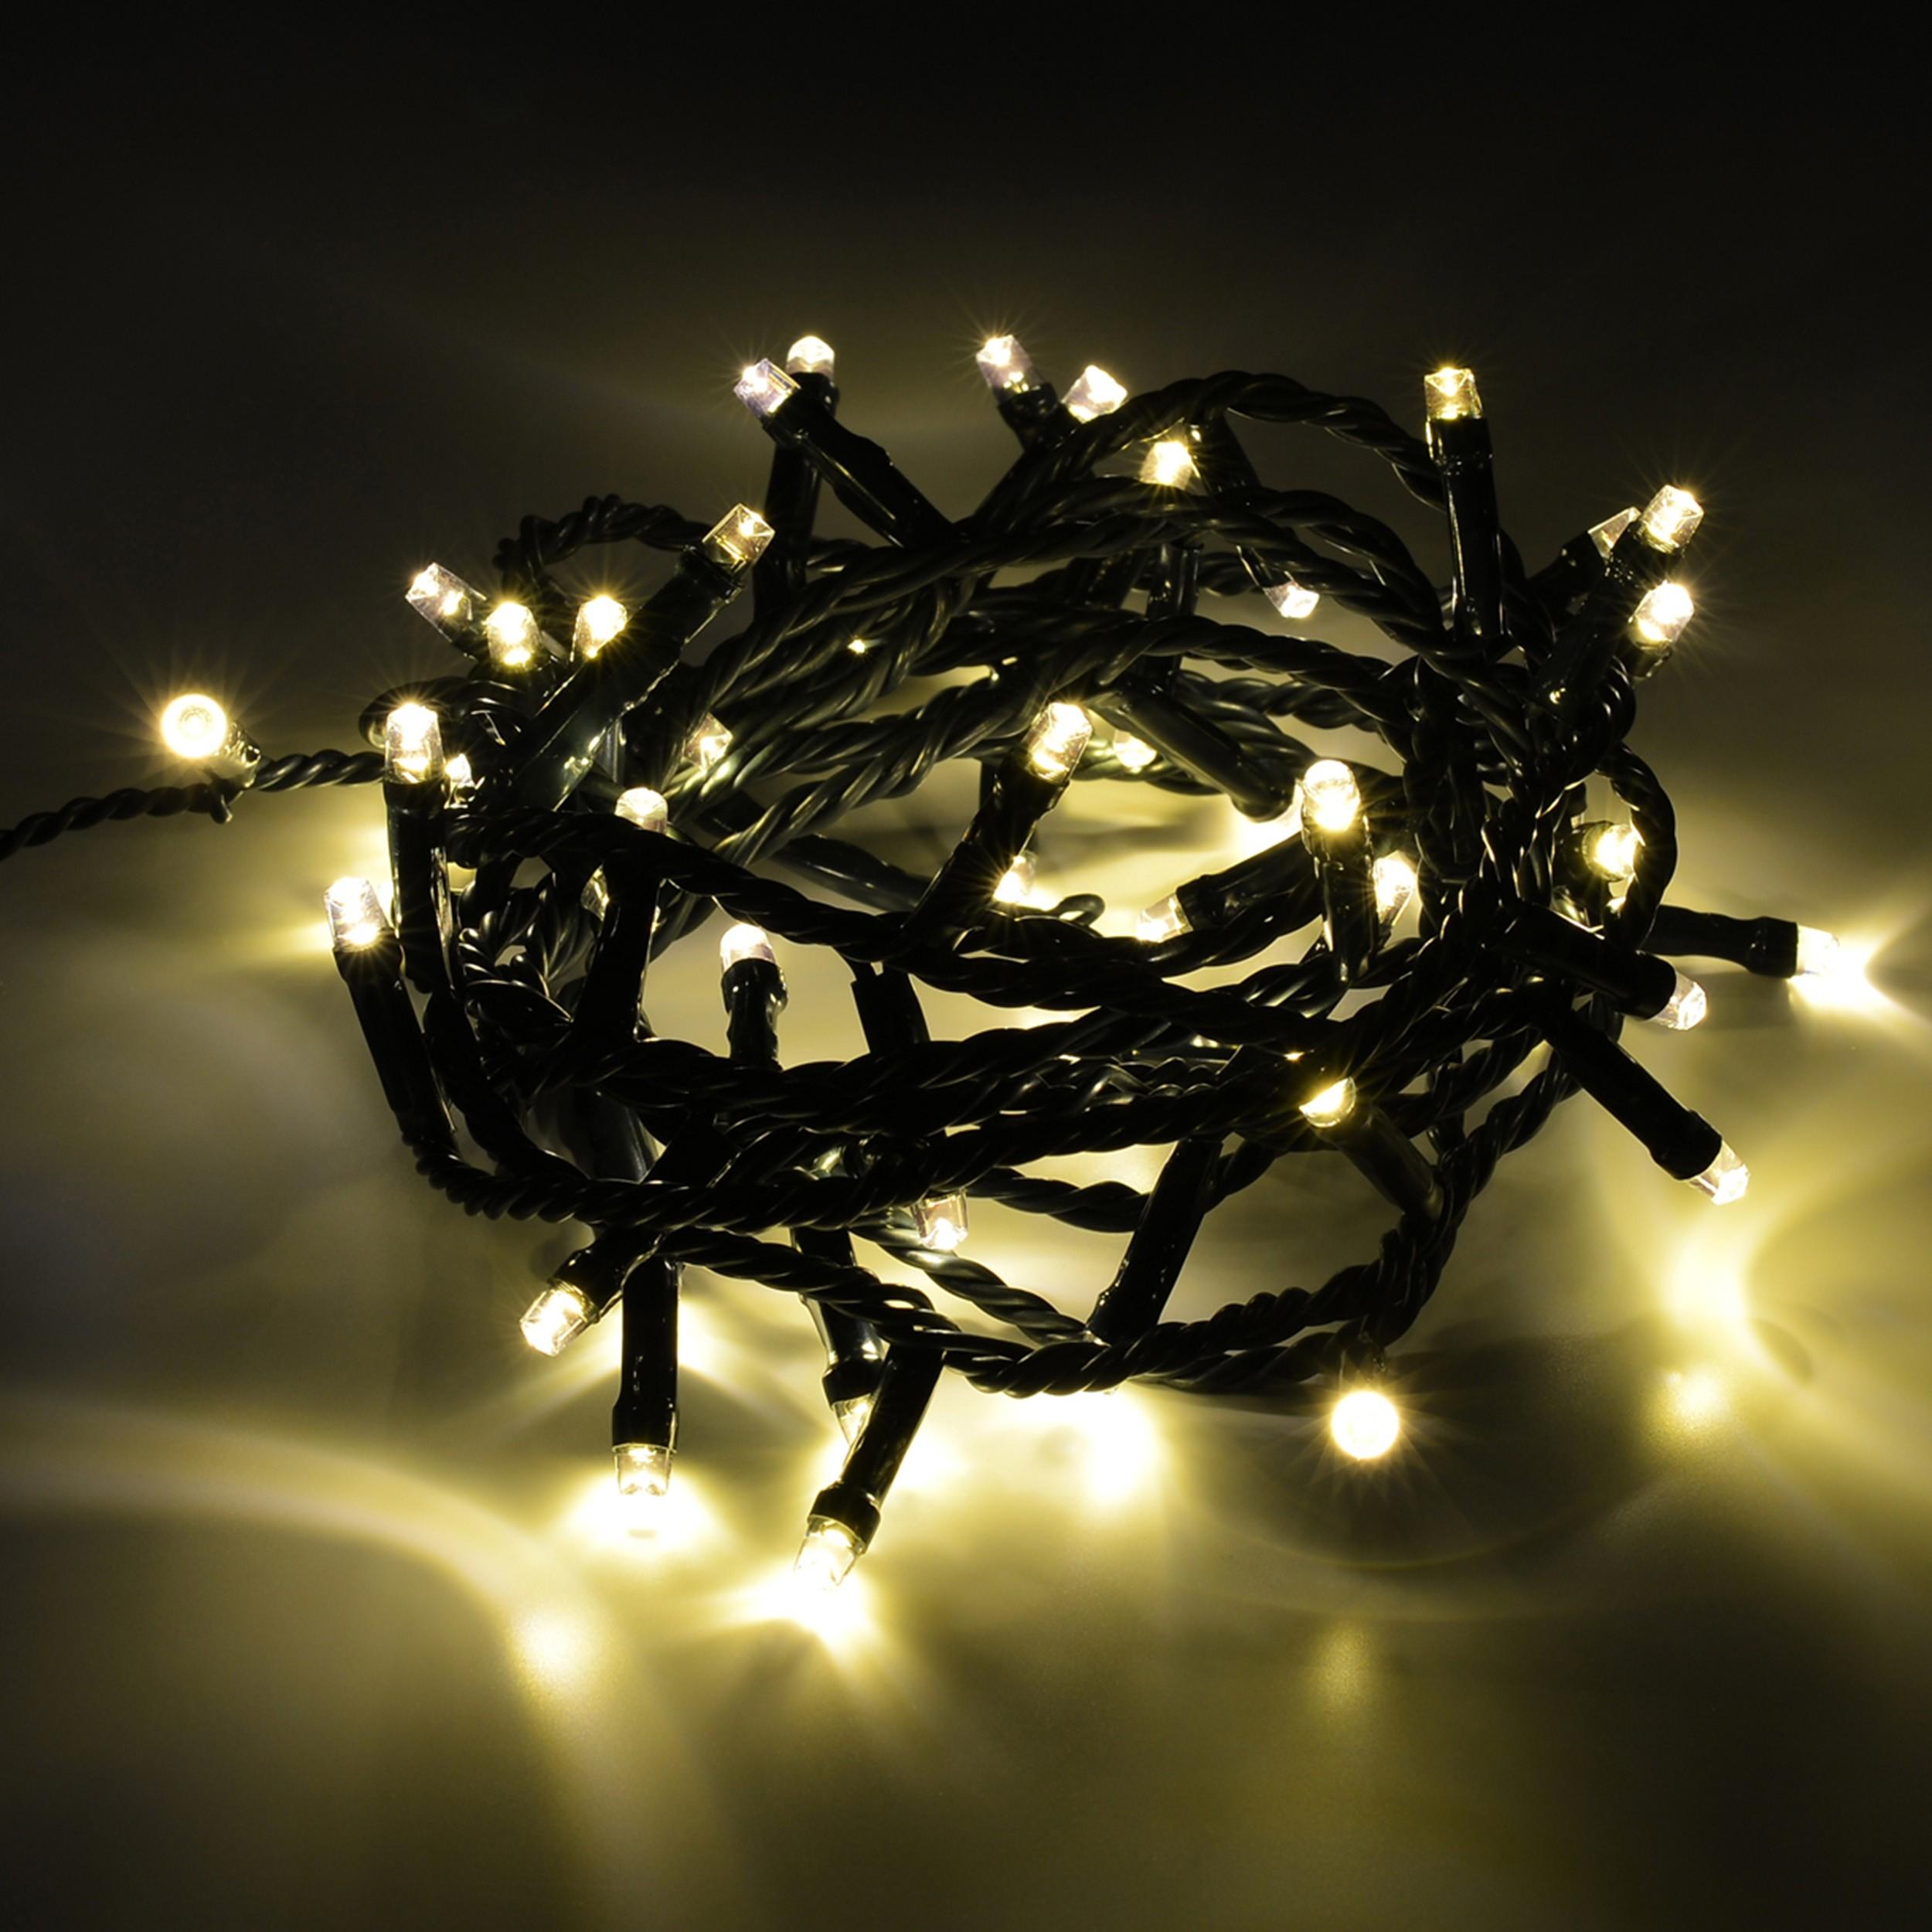 led lichterkette weihnachtsbeleuchtung 40 led outdoor. Black Bedroom Furniture Sets. Home Design Ideas